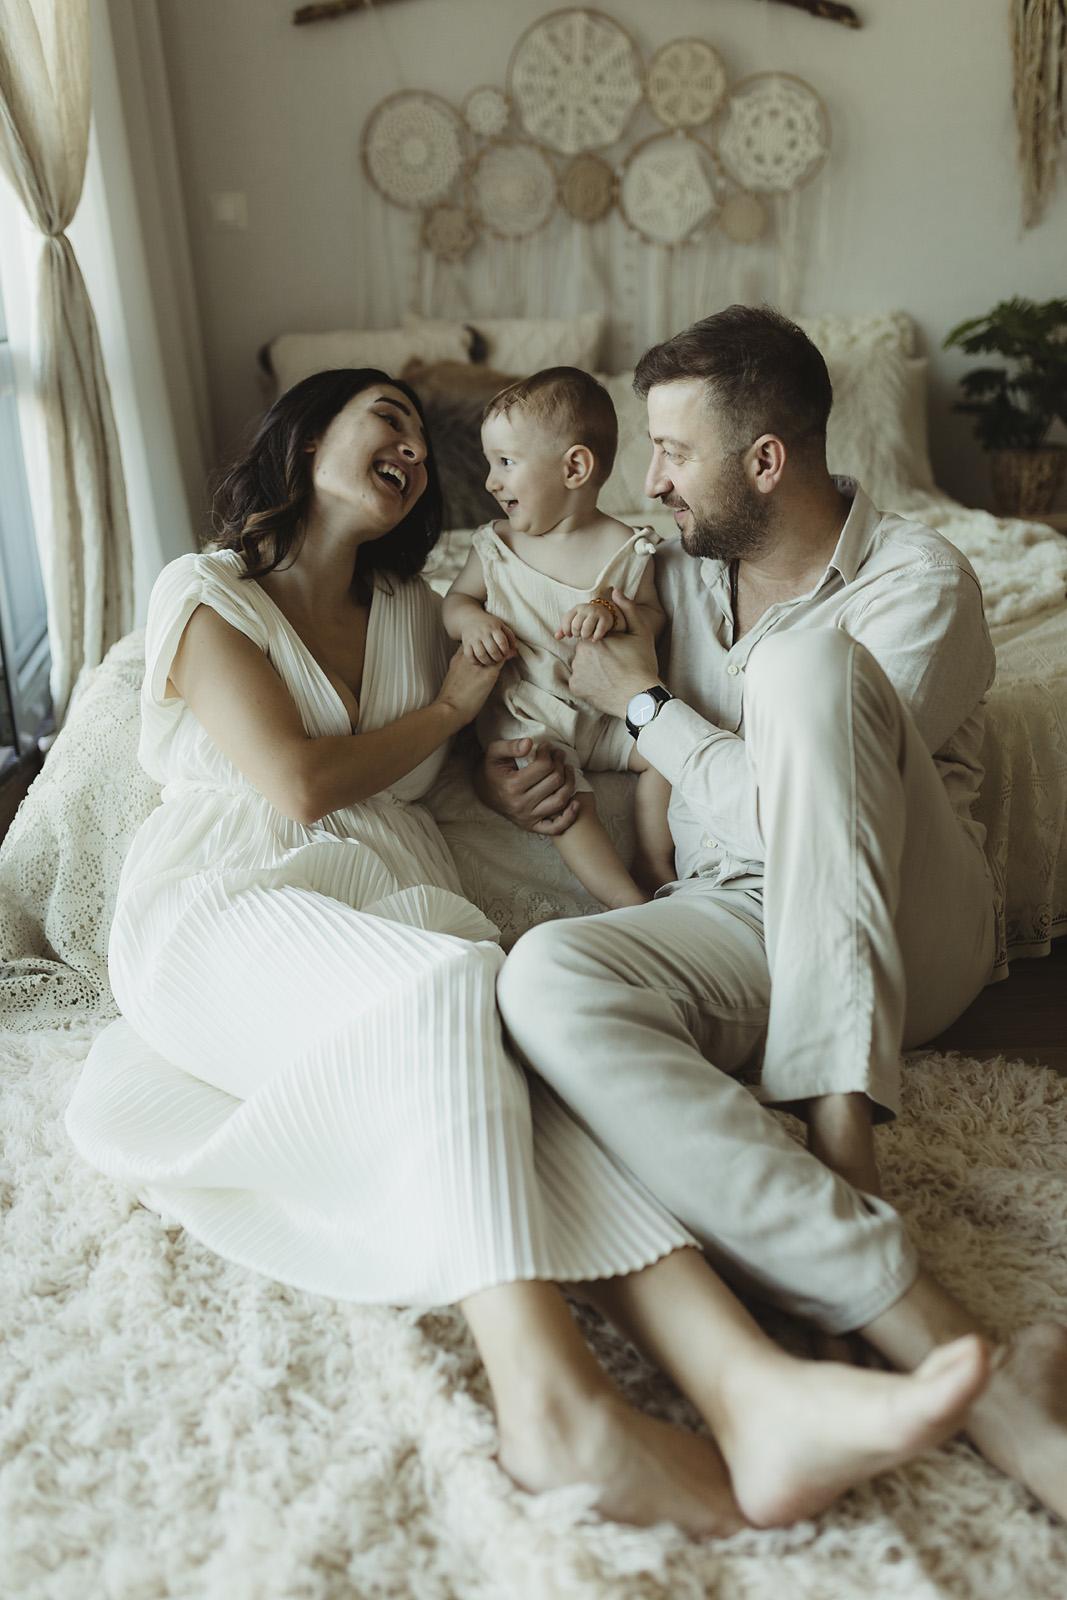 dogal-bebek-aile-fotograf-cekimi